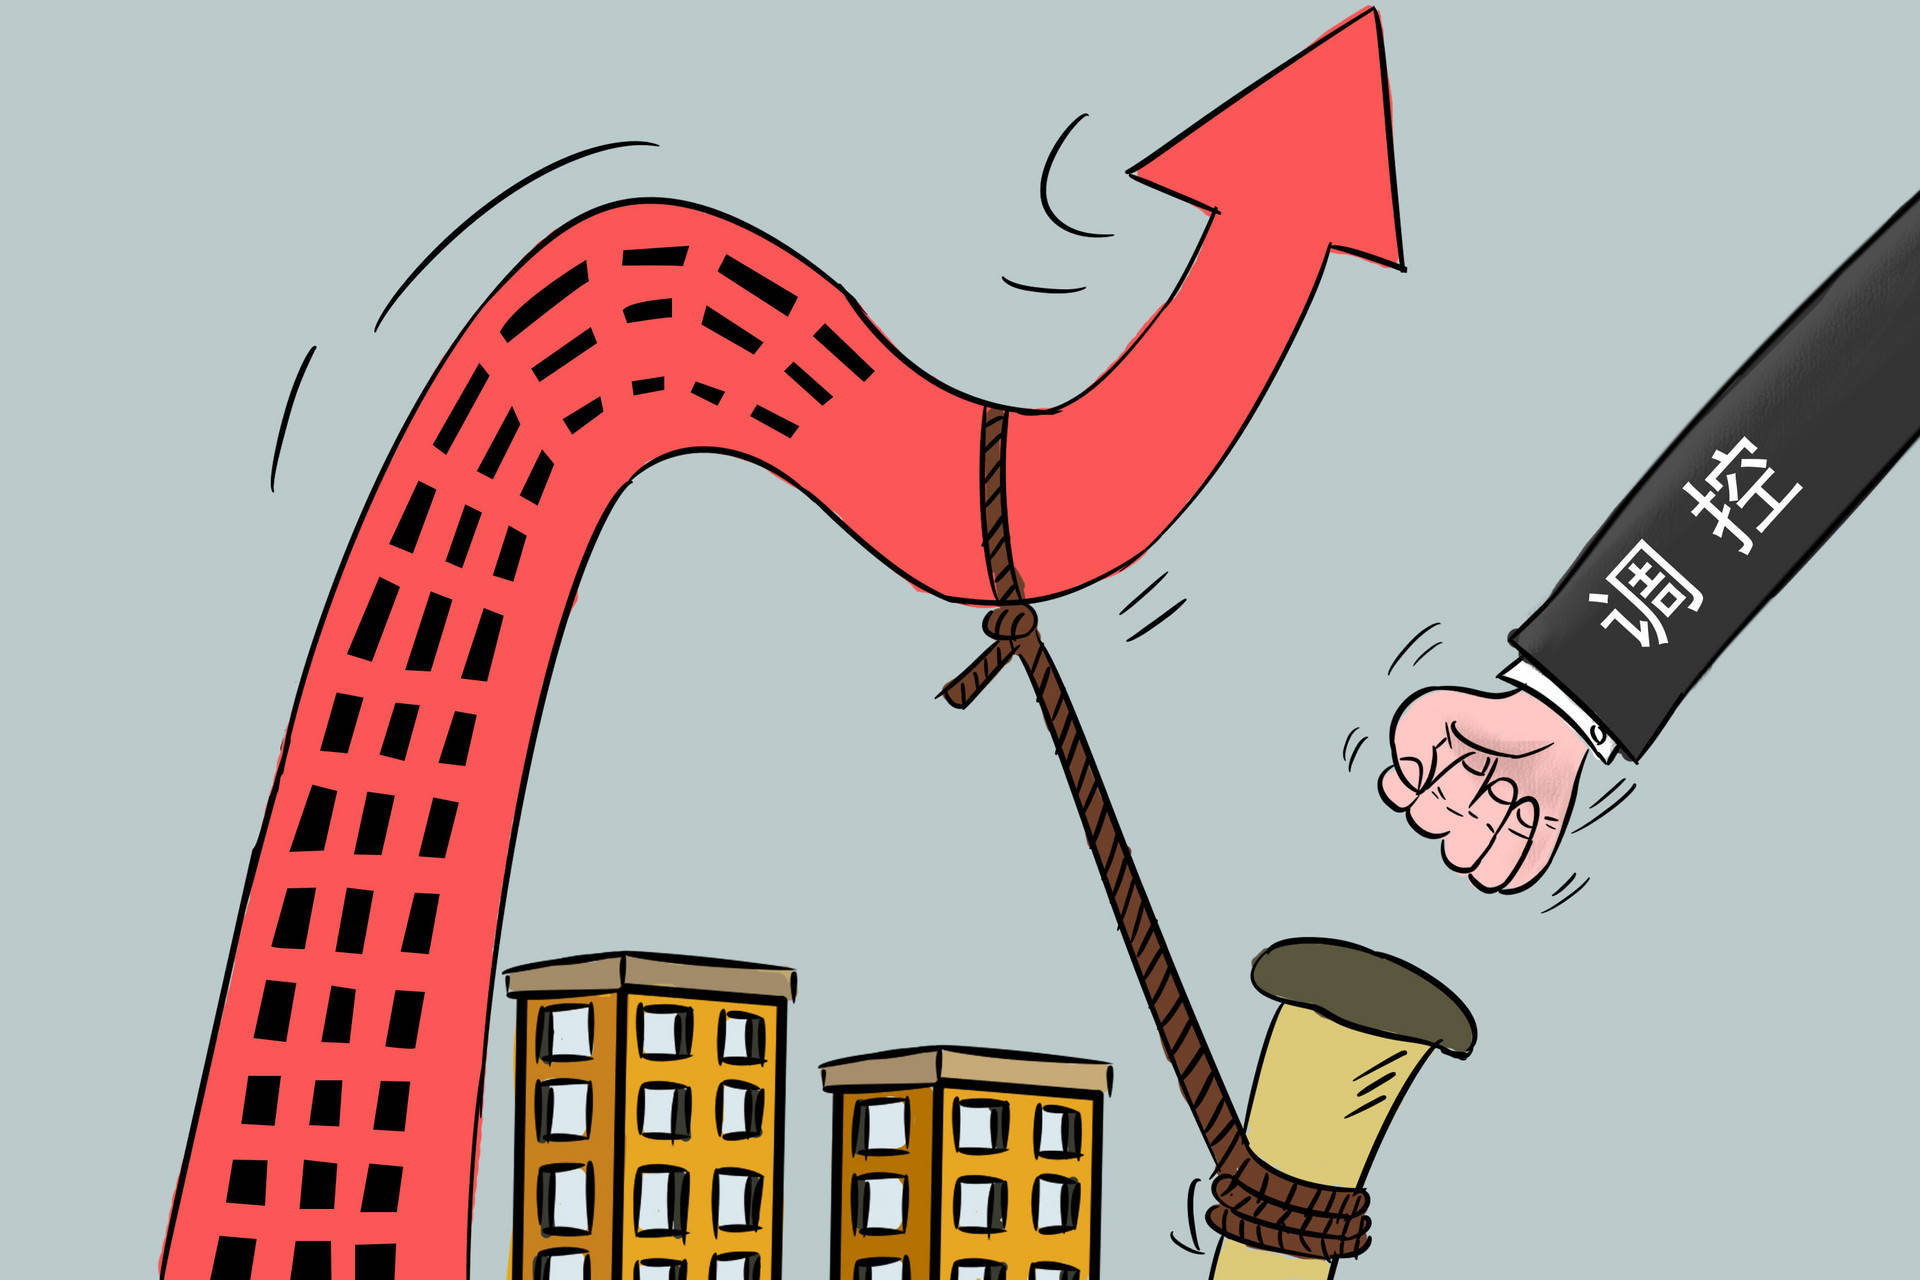 房价涨幅曾全球第一,如今推楼市新政八条,能刹住上涨房价吗?